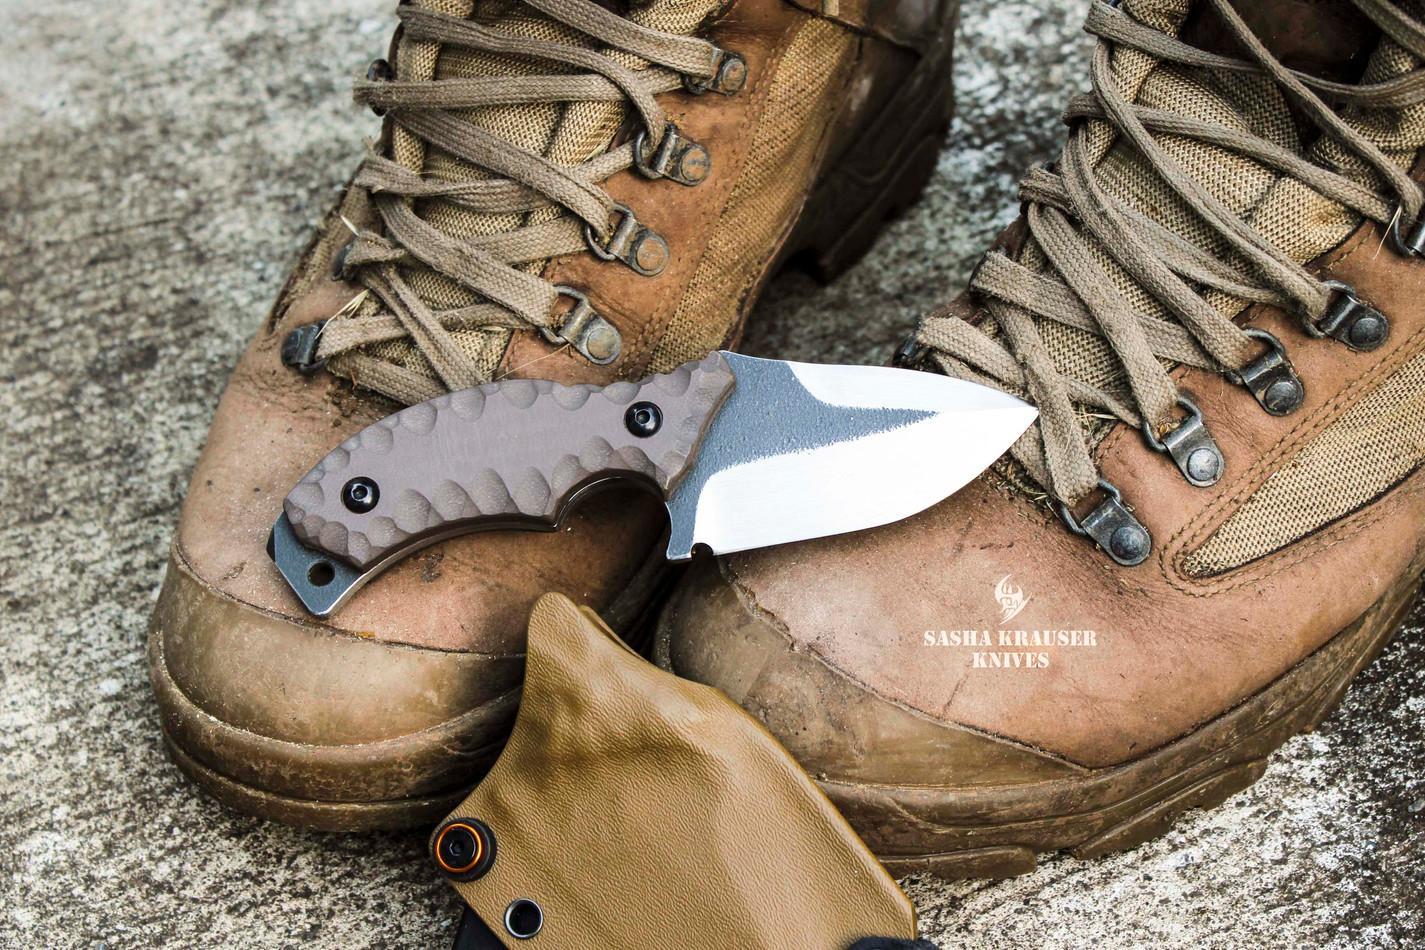 Franky4fingers edc neck knife